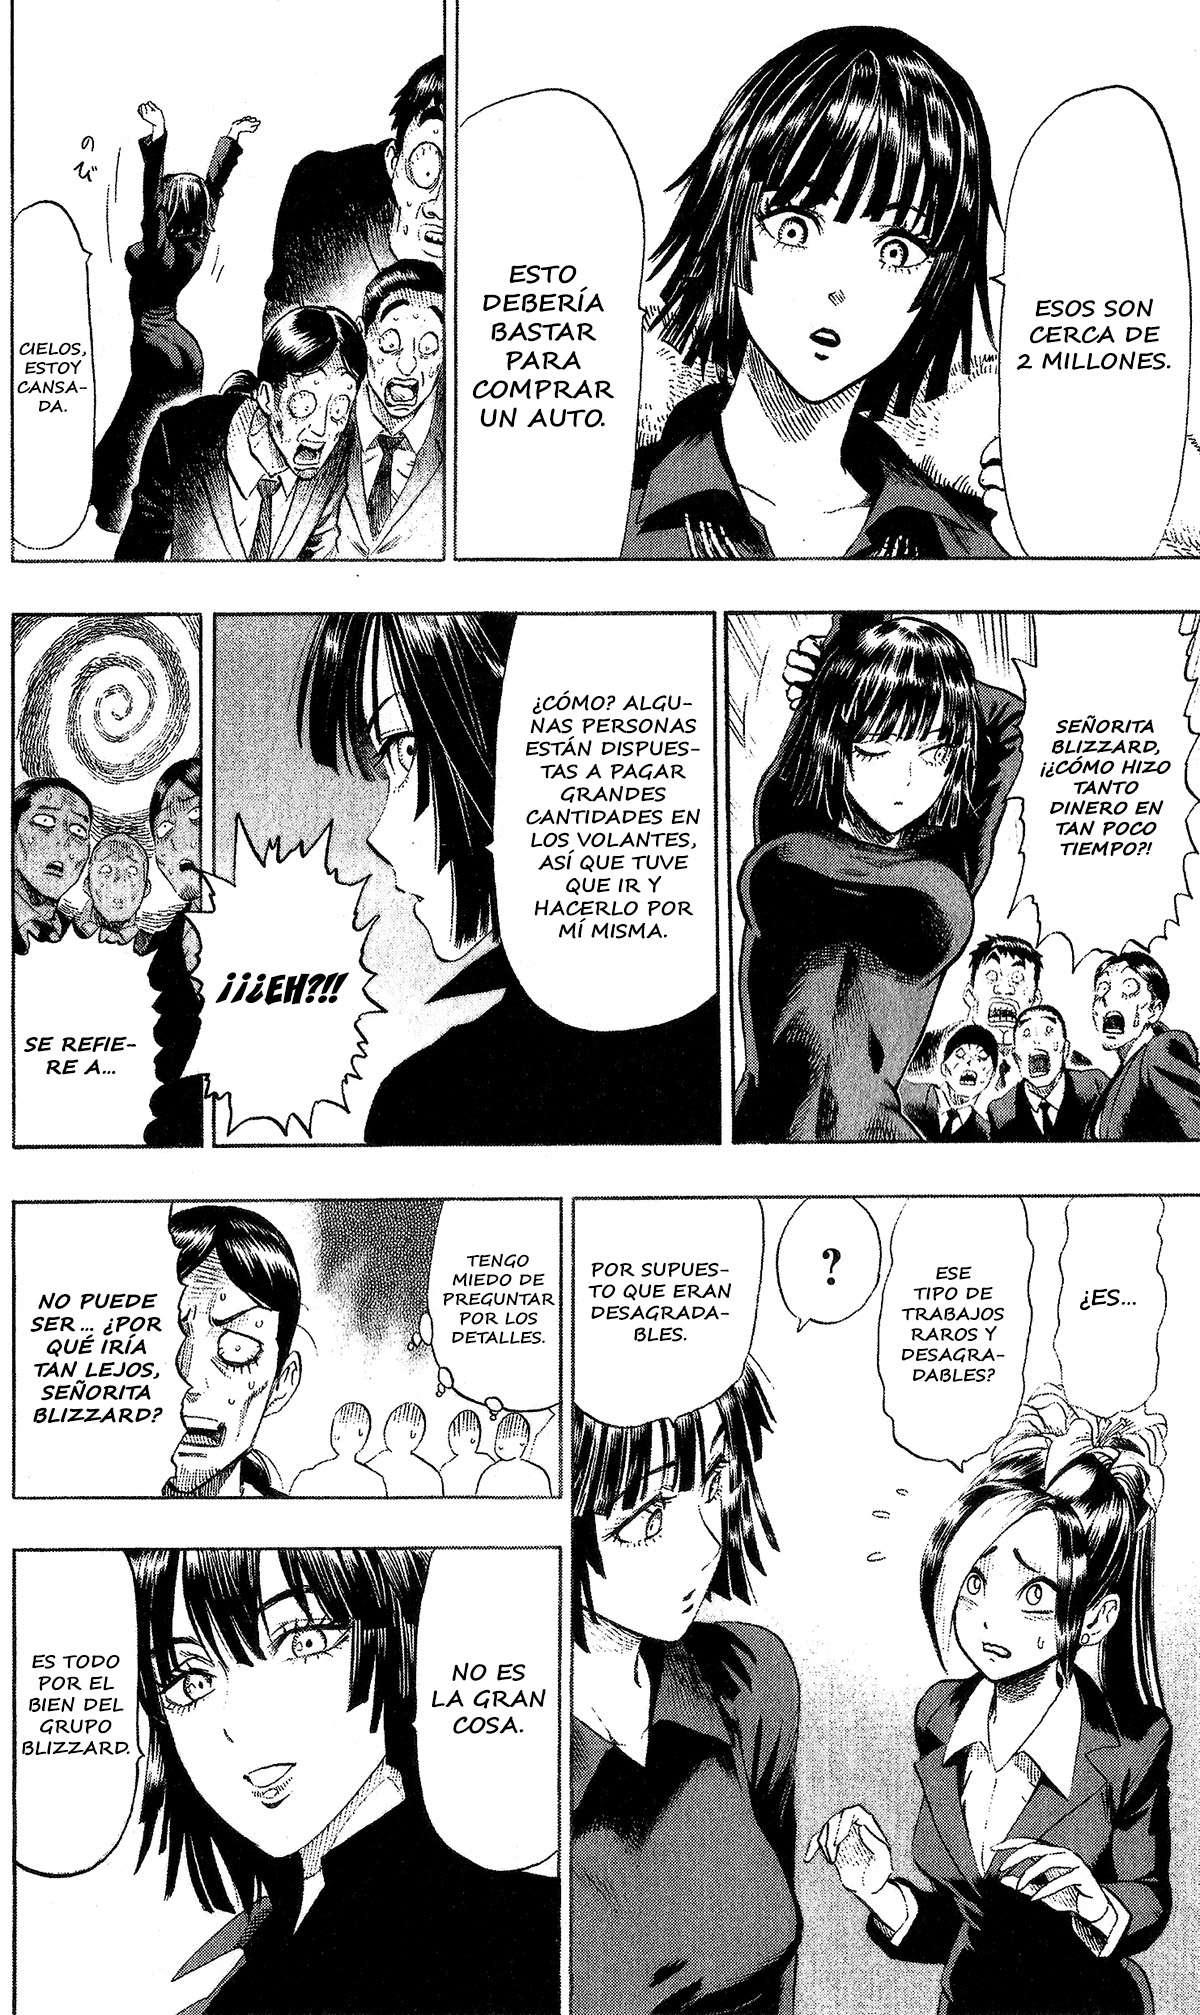 http://c5.ninemanga.com/es_manga/21/14805/414693/cd67214ca44305ce943ab3db61e8bd6f.jpg Page 5